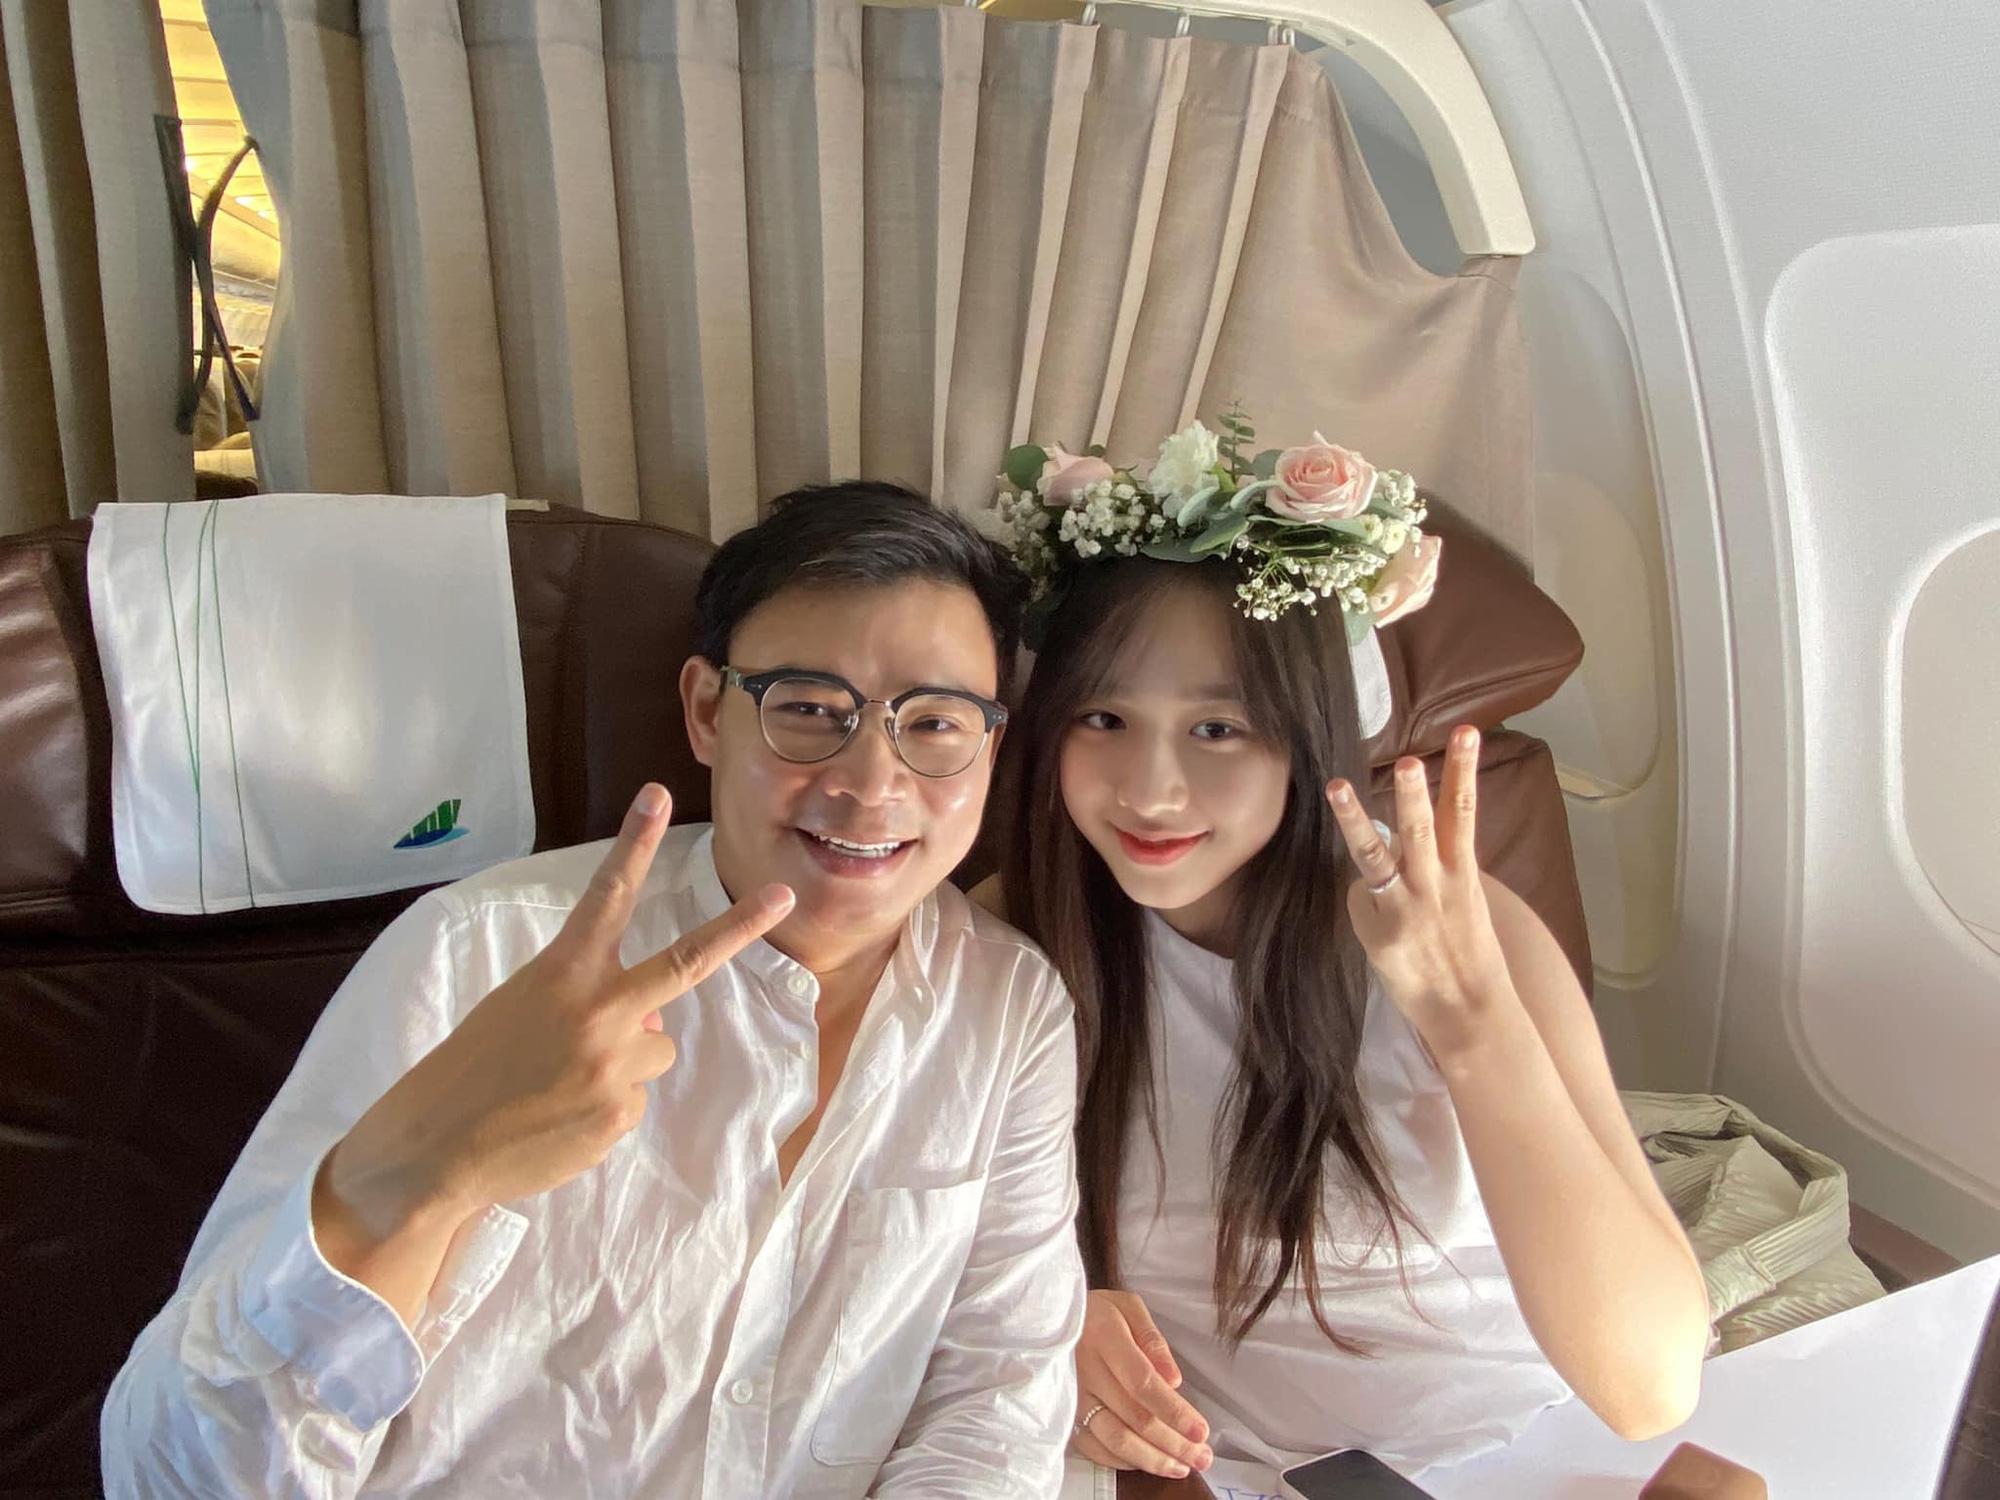 Thuê máy bay Bamboo Airways để cầu hôn nữ MC VTV24, 'triệu phú công nghệ' thành công đưa nàng thơ kém 16 tuổi về dinh - Ảnh 1.